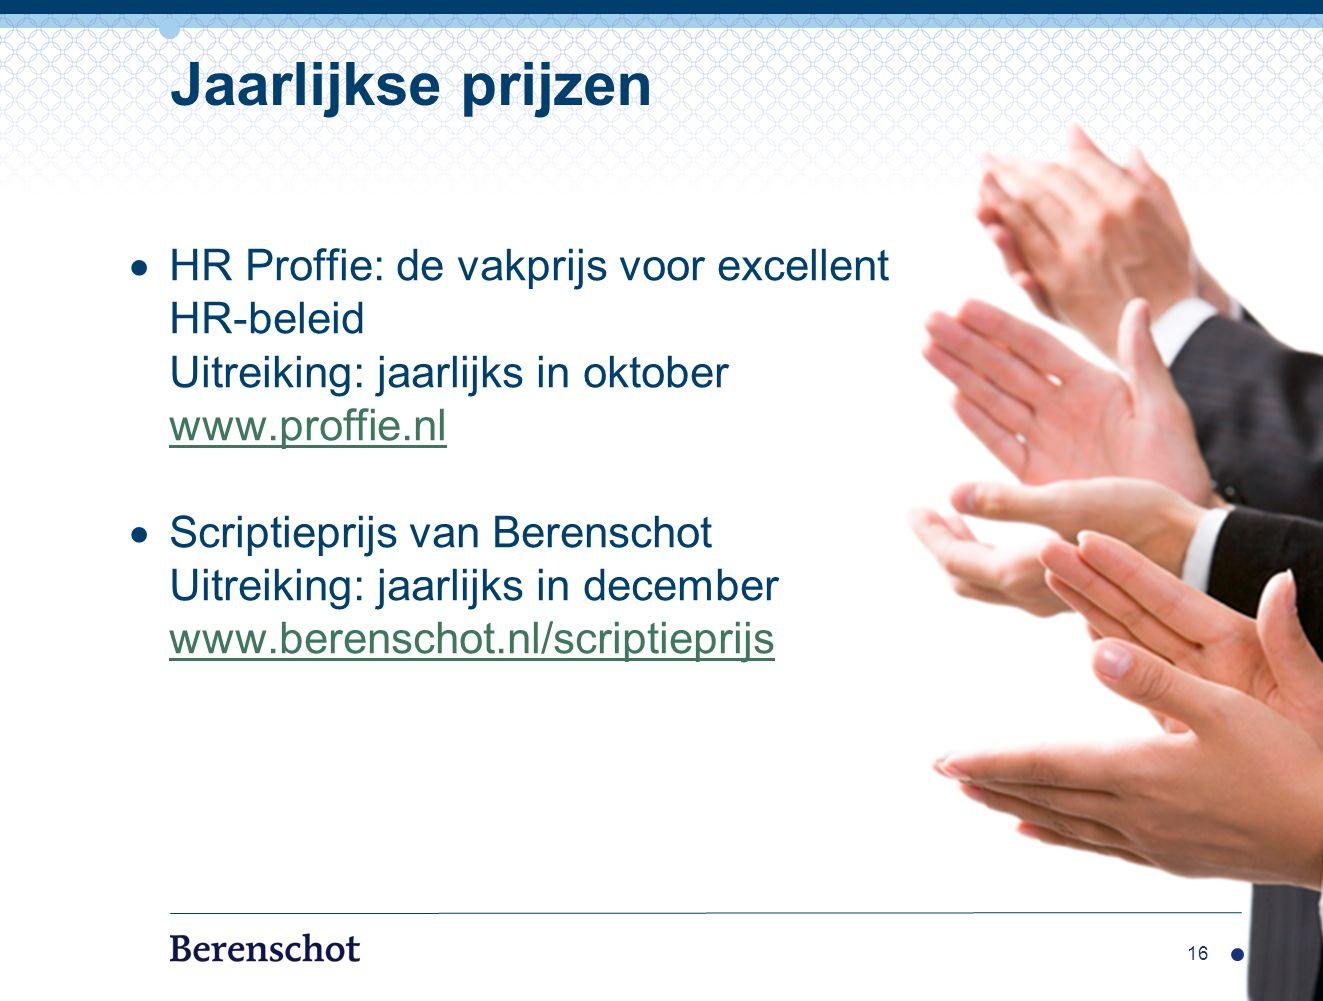 16 Jaarlijkse prijzen  HR Proffie: de vakprijs voor excellent HR-beleid Uitreiking: jaarlijks in oktober www.proffie.nl www.proffie.nl  Scriptieprijs van Berenschot Uitreiking: jaarlijks in december www.berenschot.nl/scriptieprijs www.berenschot.nl/scriptieprijs